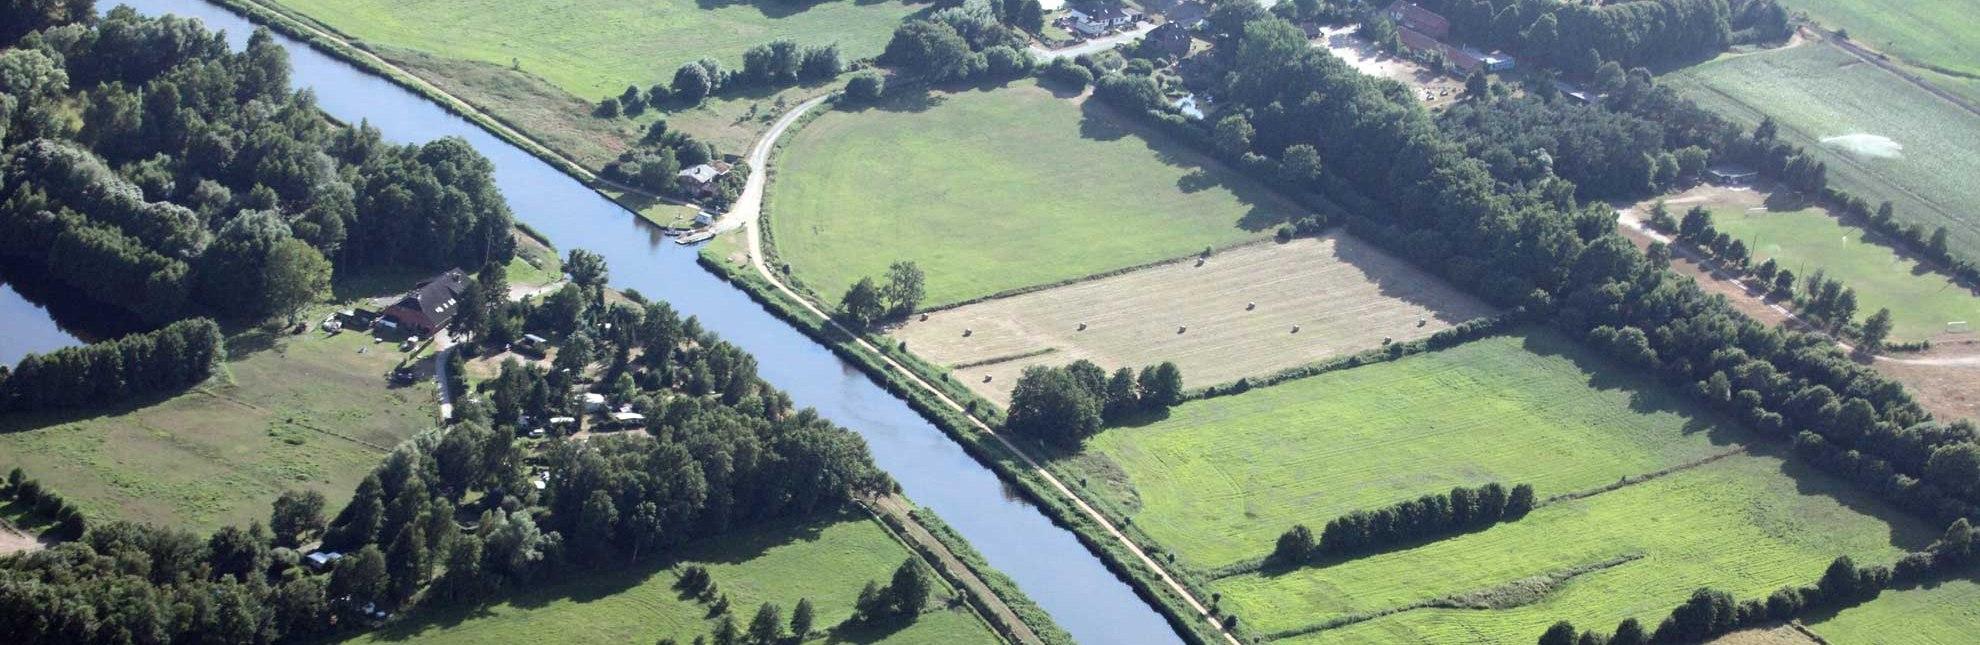 In Siebeneichen quert eine historische Seilzugfähre den Elbe-Lübeck-Kanal., © Wolfgang Buchhorn